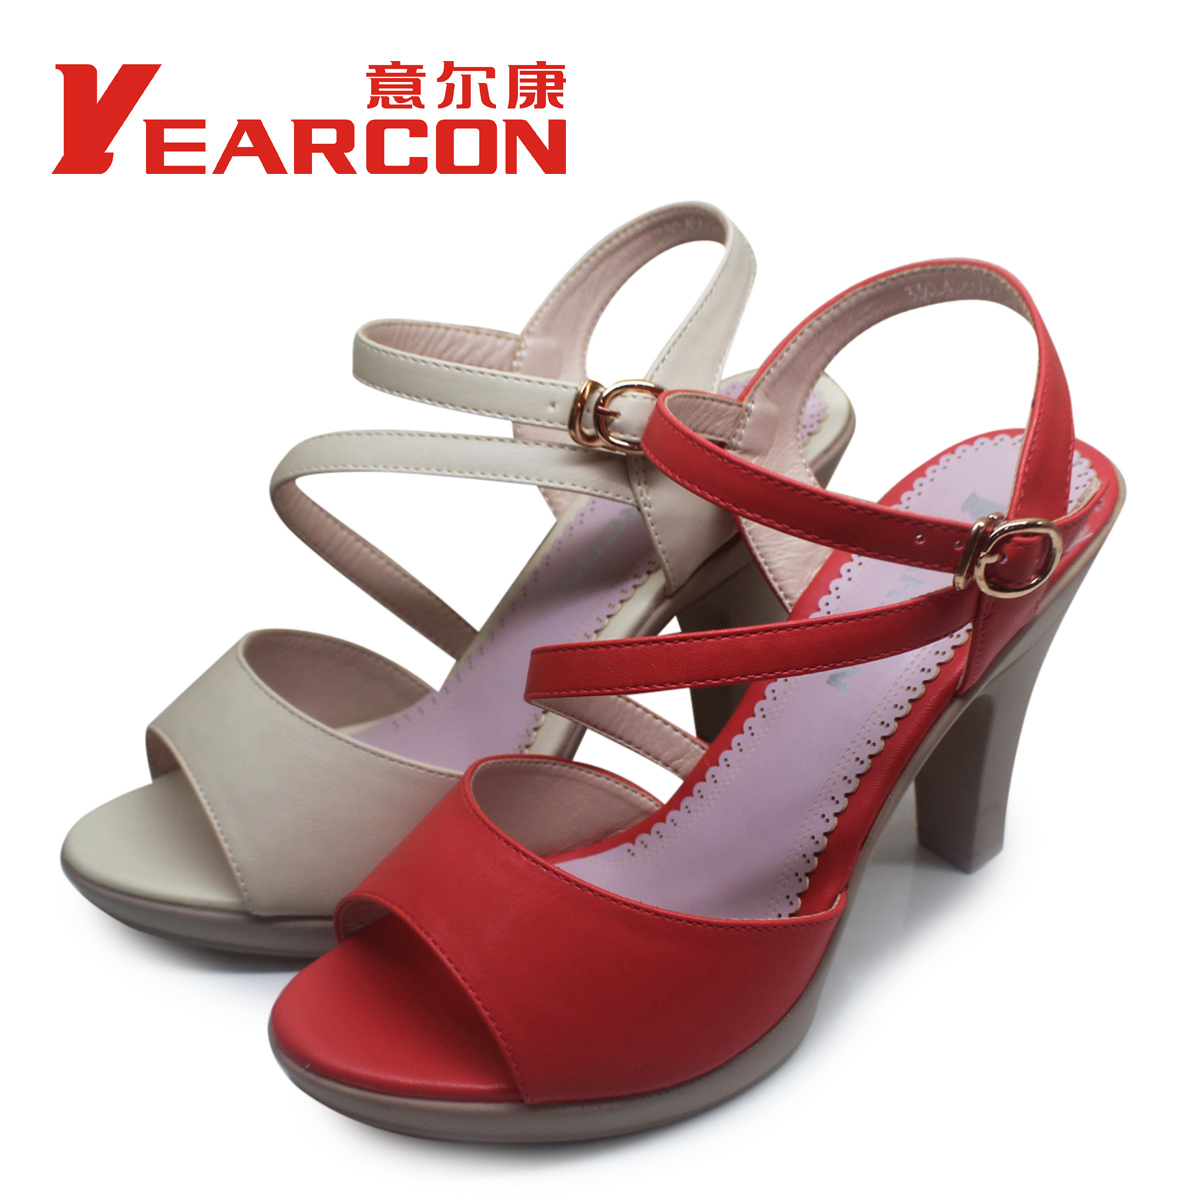 意尔康13新款特价上市时尚舒适欧美流行休闲女凉鞋33cl45669u